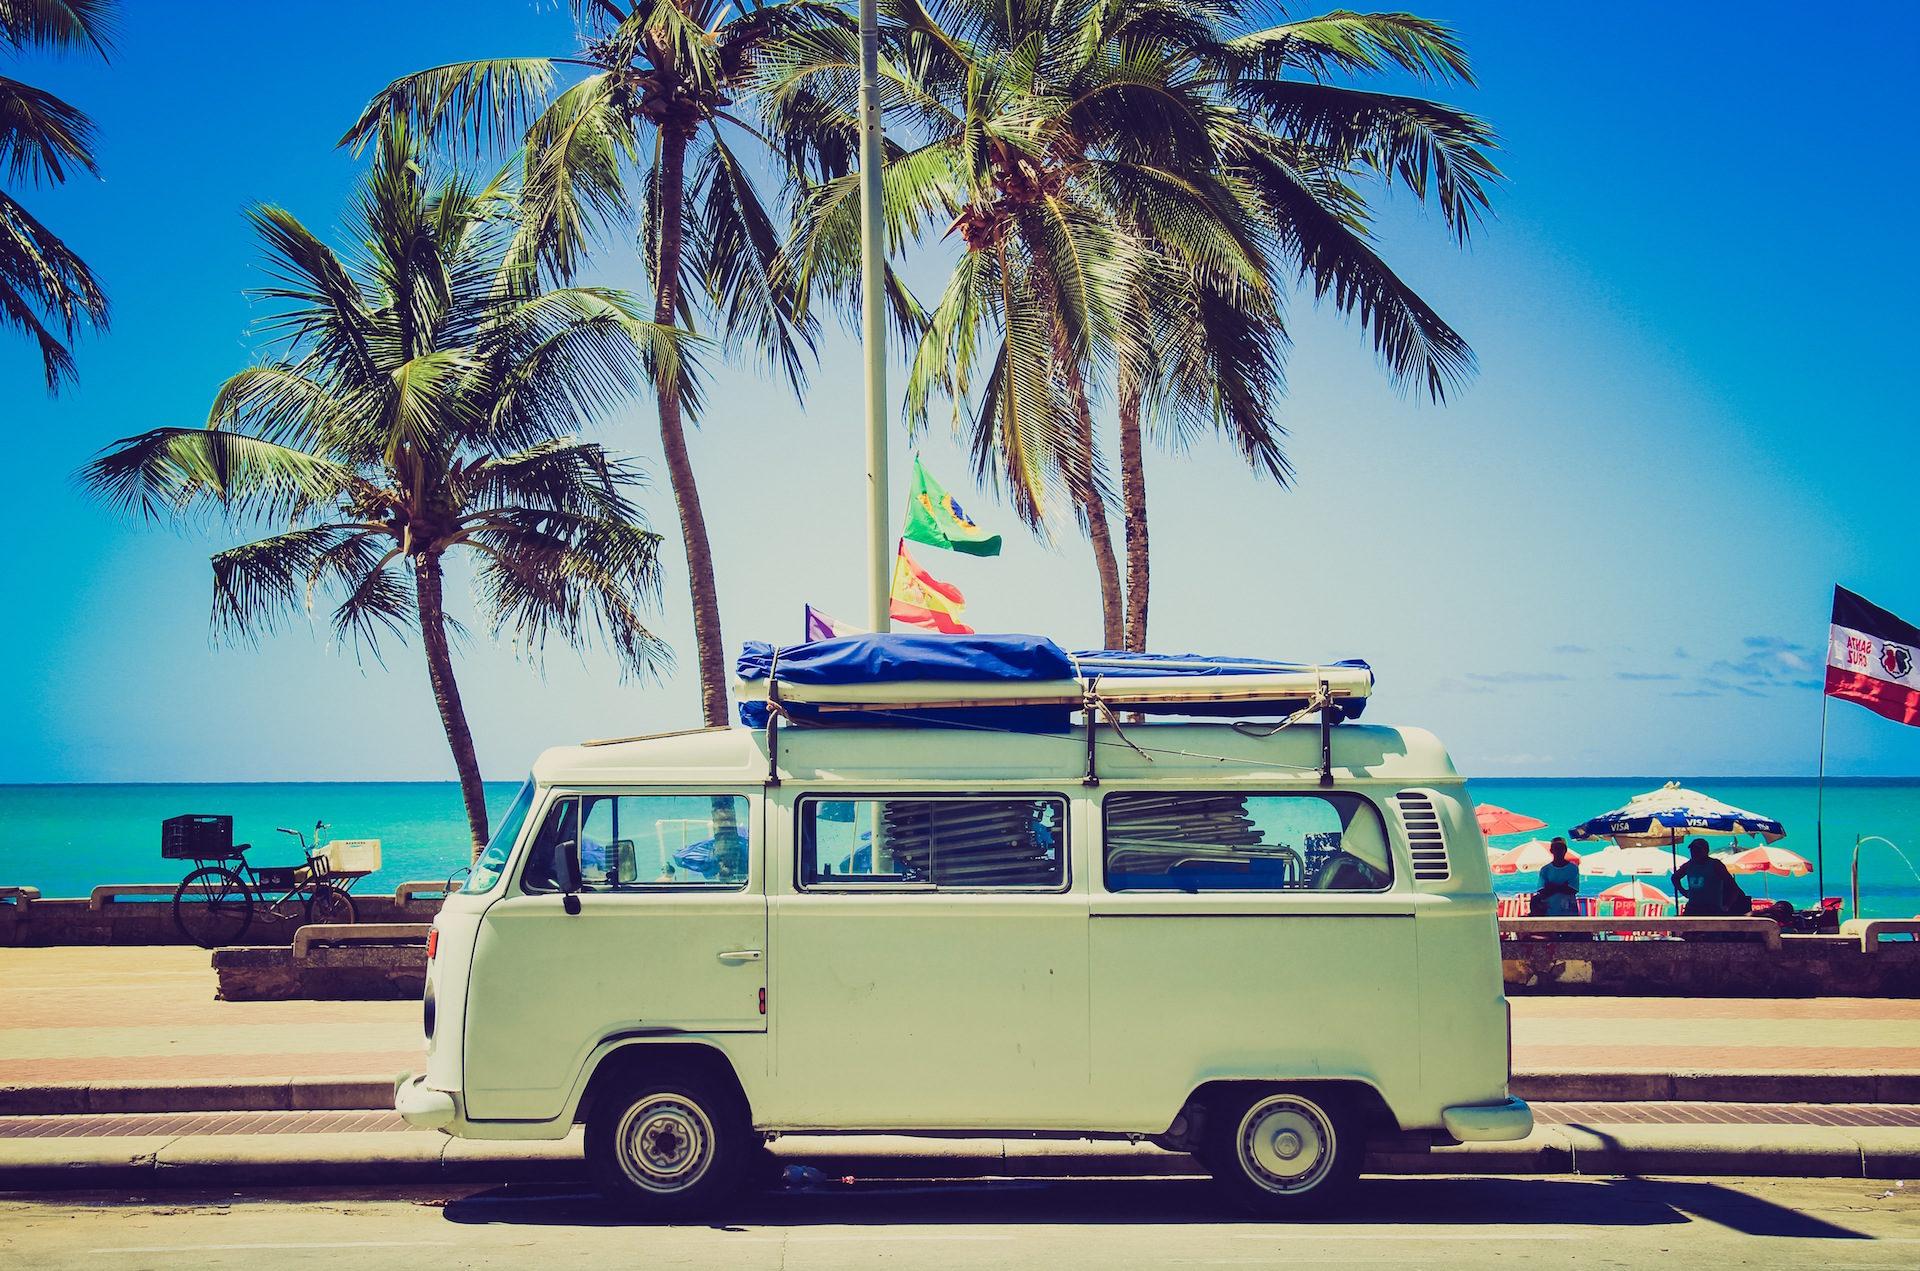 playa, furgoneta, palmeras, banderas, cielo - Fondos de Pantalla HD - professor-falken.com